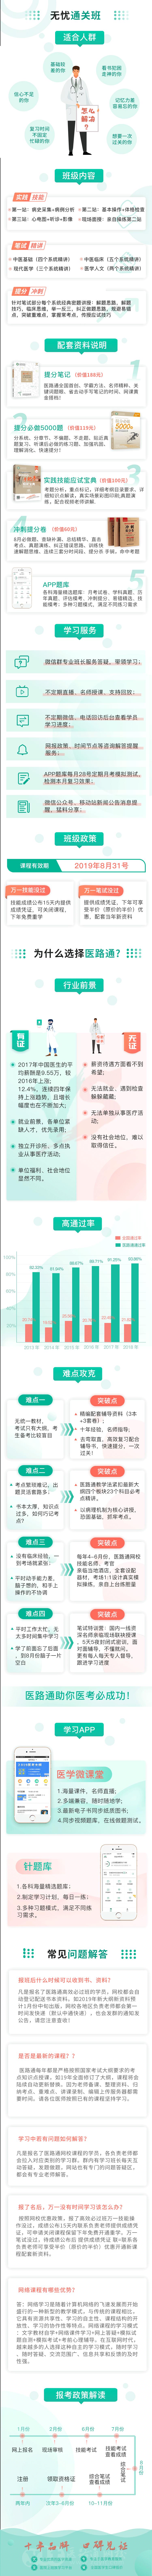 课程详情介绍-中医执业助理无忧通关班.png